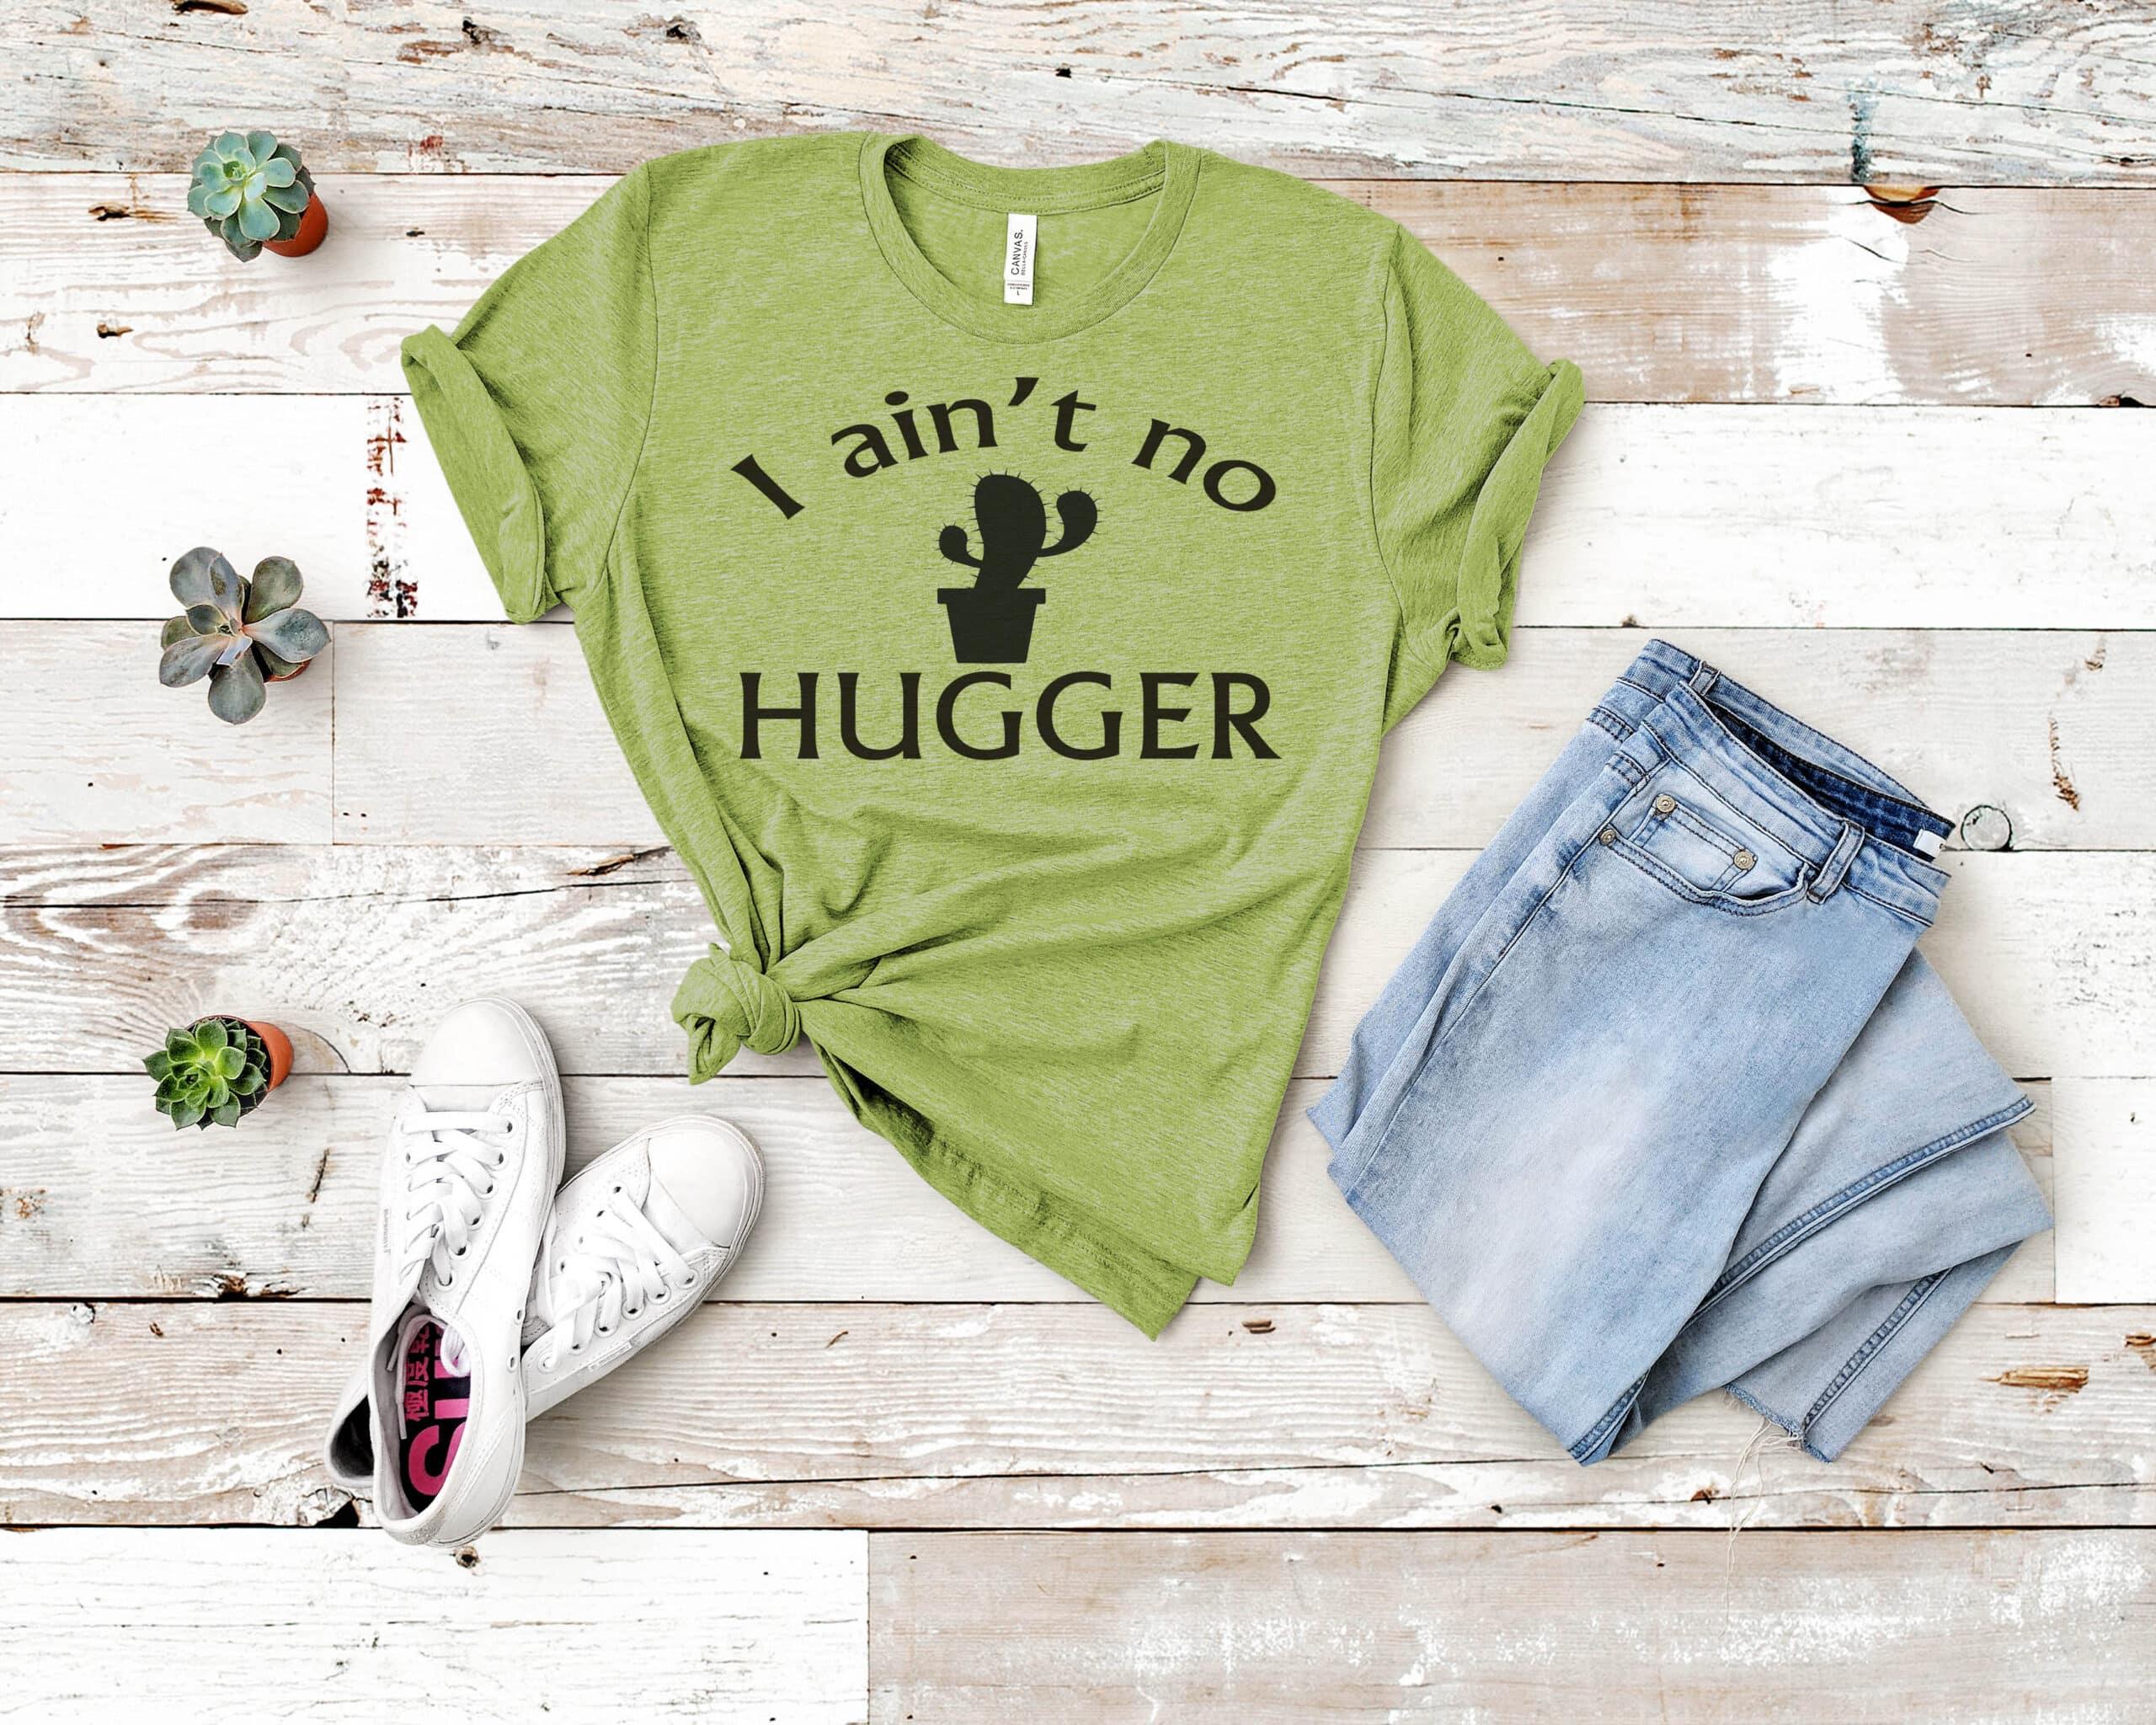 Free No hugger SVG File